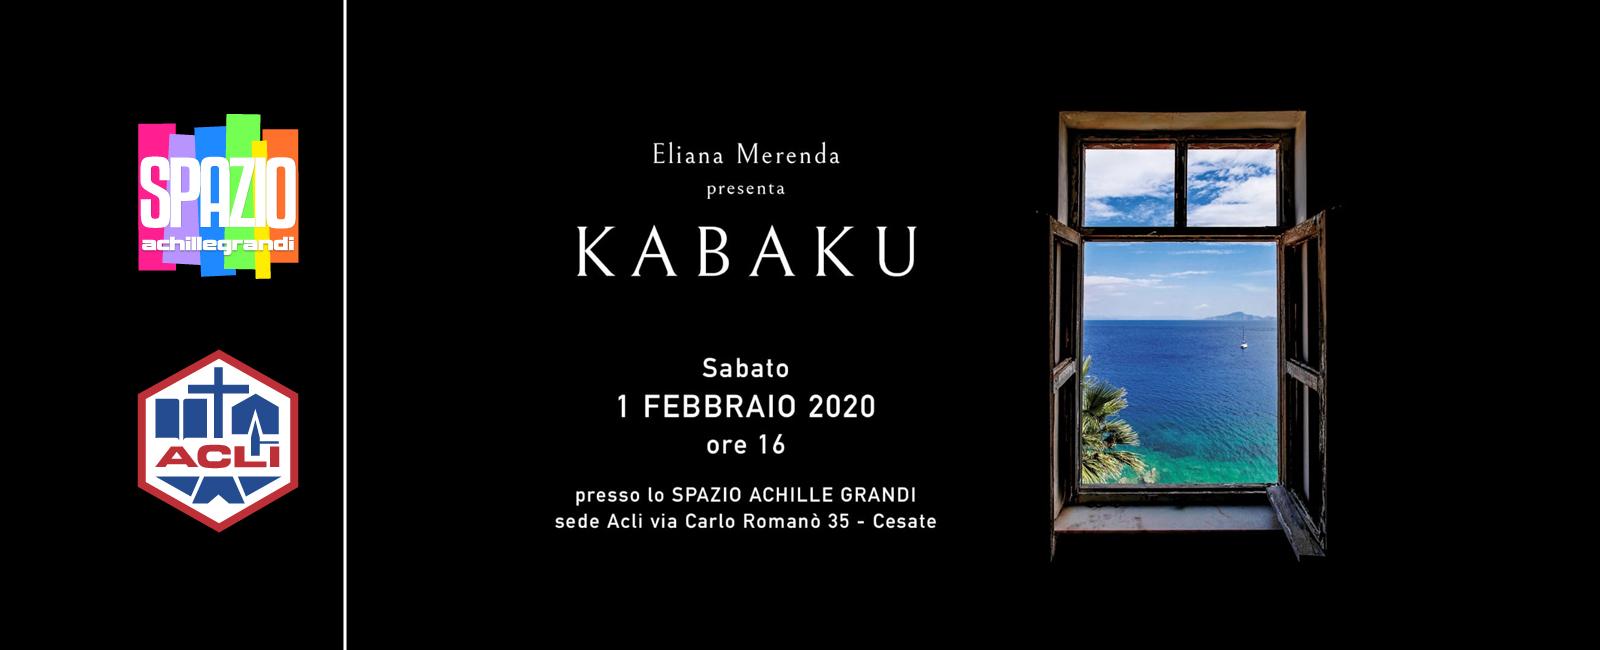 Eliana Merenda presenta il suo nuovo romanzo KABAKU